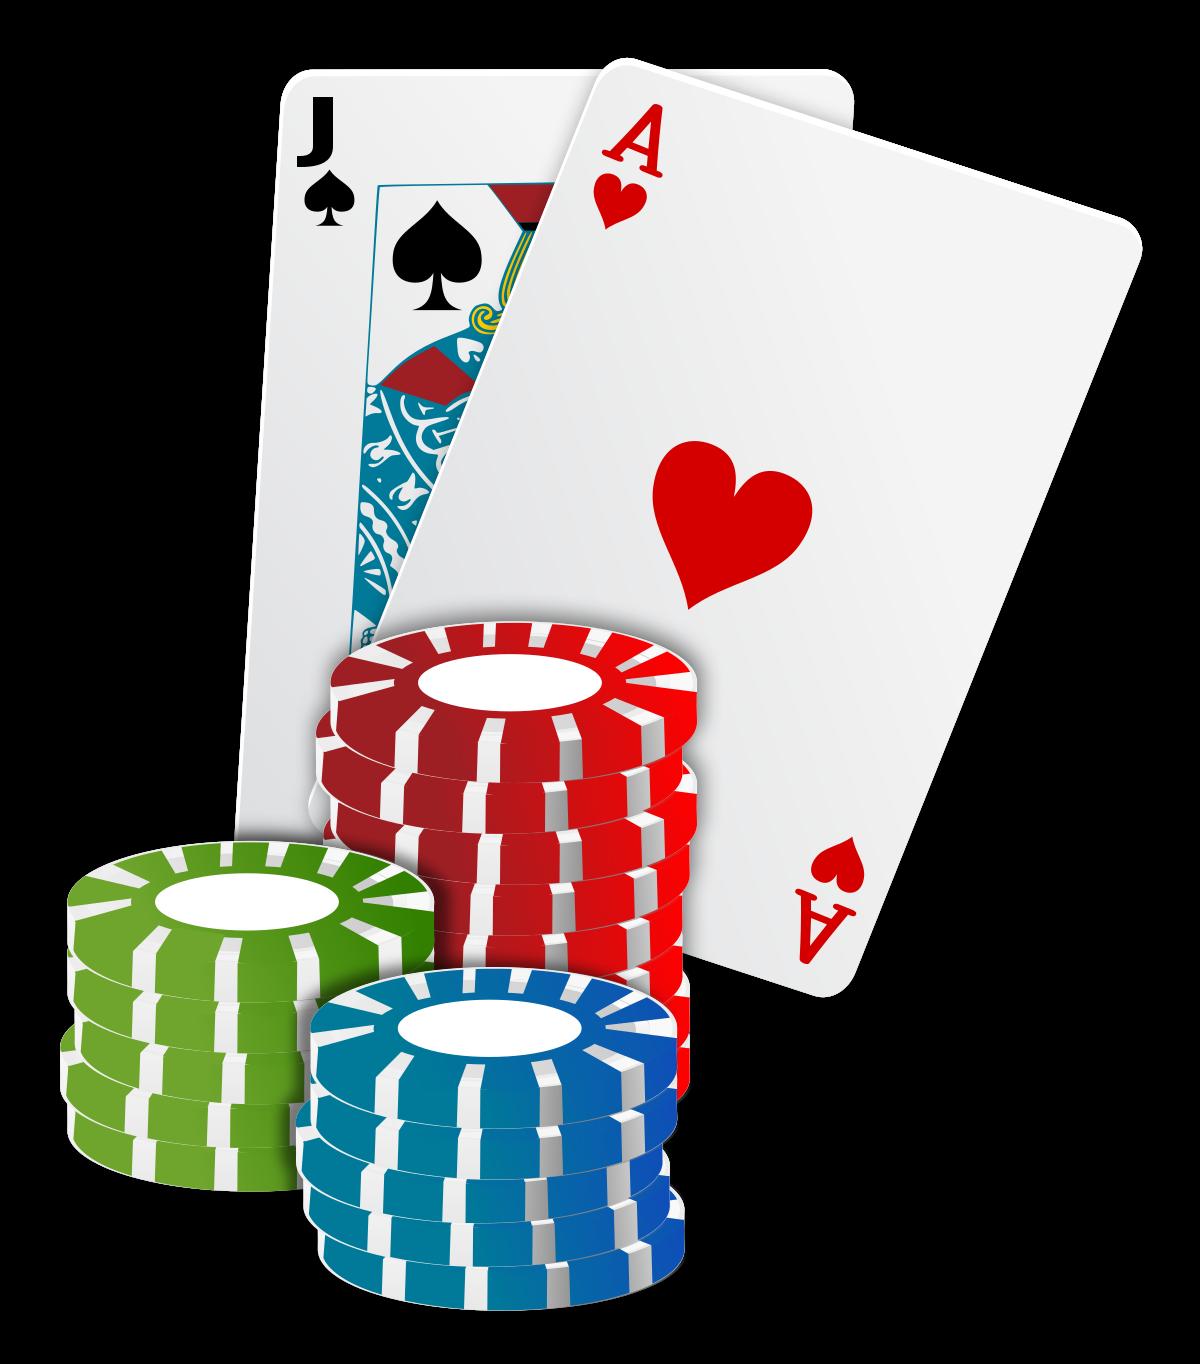 File:Blackjack.svg.